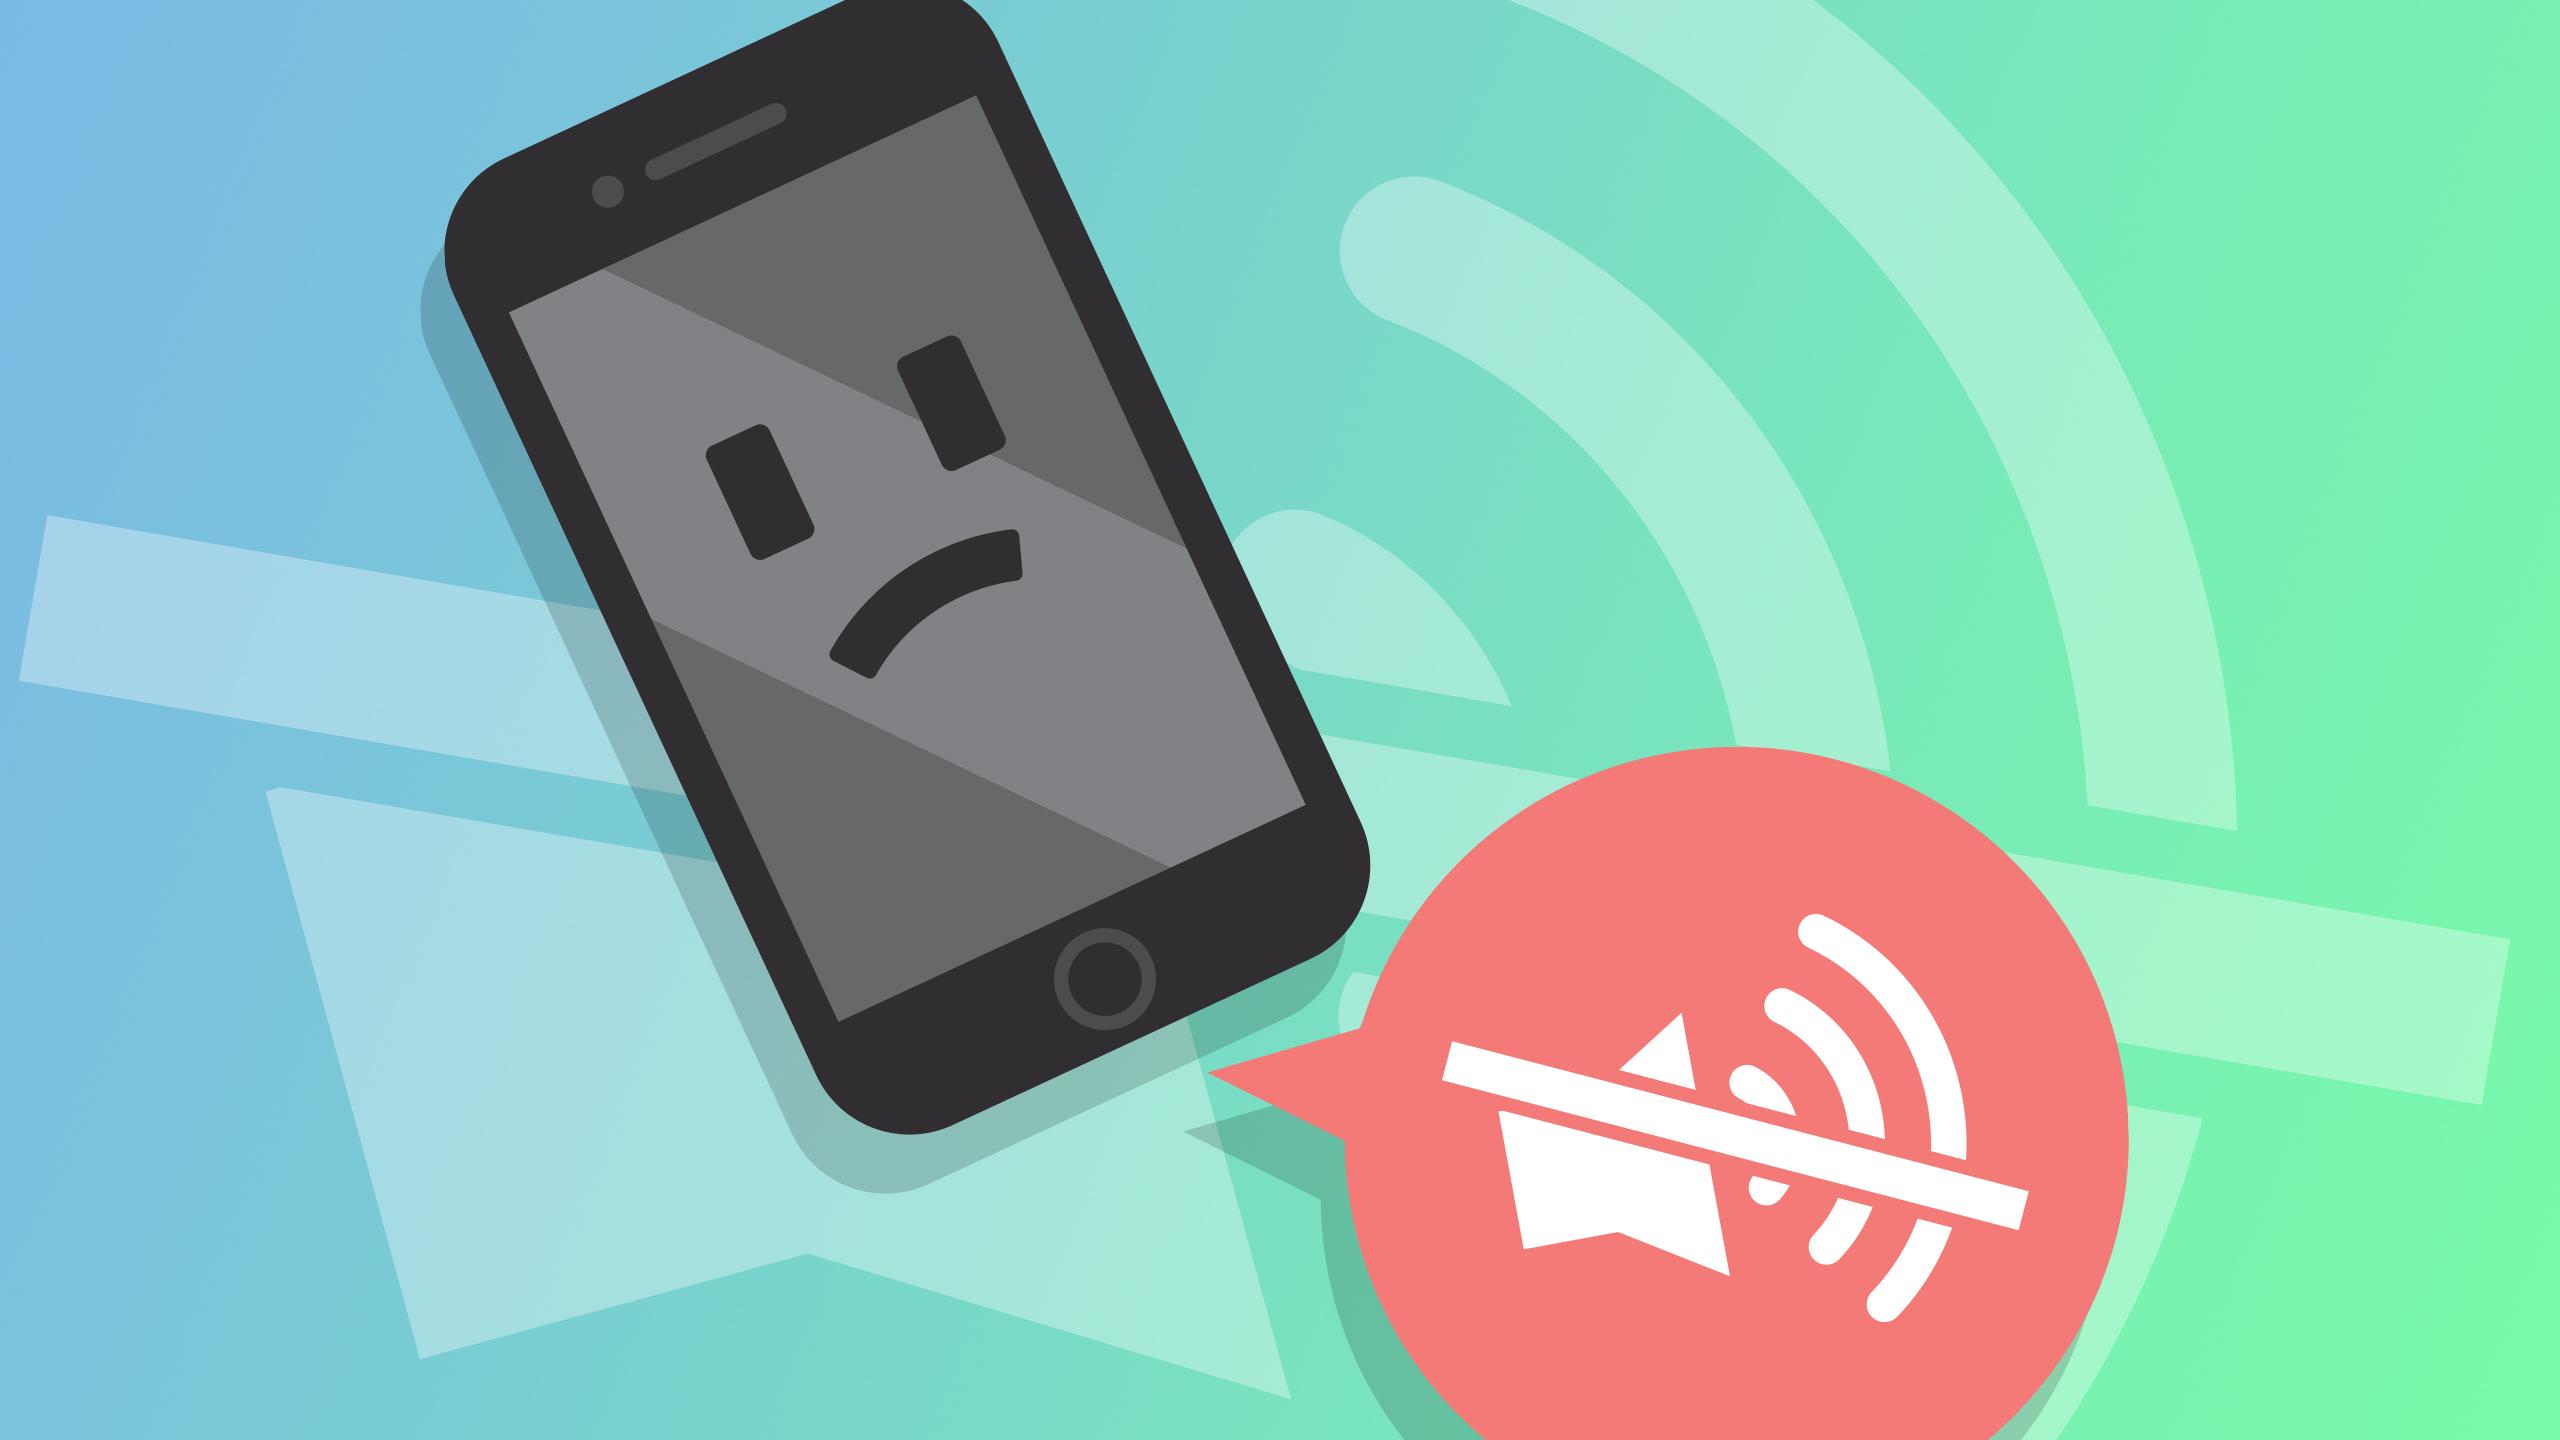 Le haut-parleur de l'iPhone SE ne fonctionne pas?  La vraie solution!